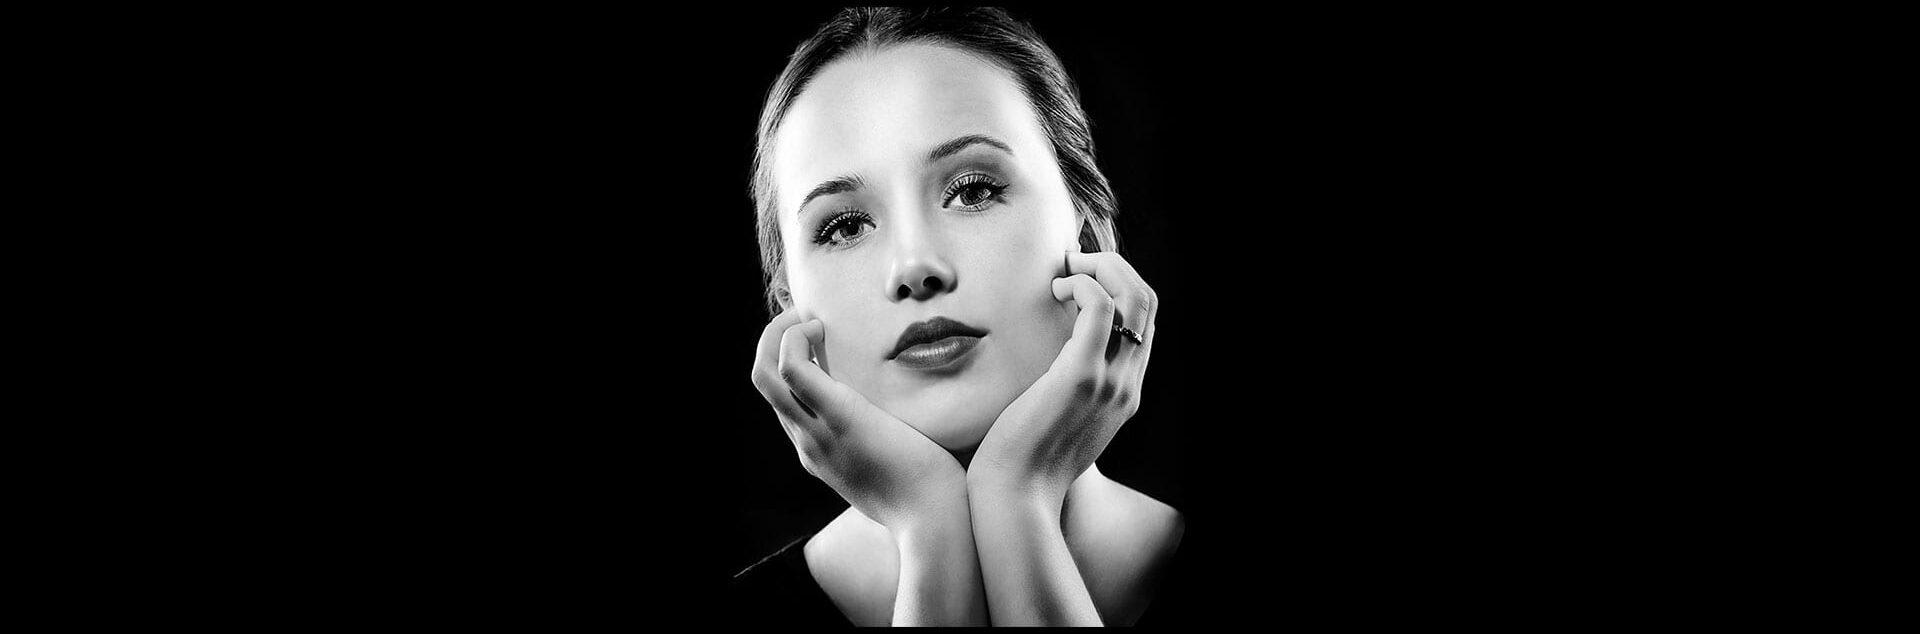 Portræt af kvinder sort hvid i Hollywood stil